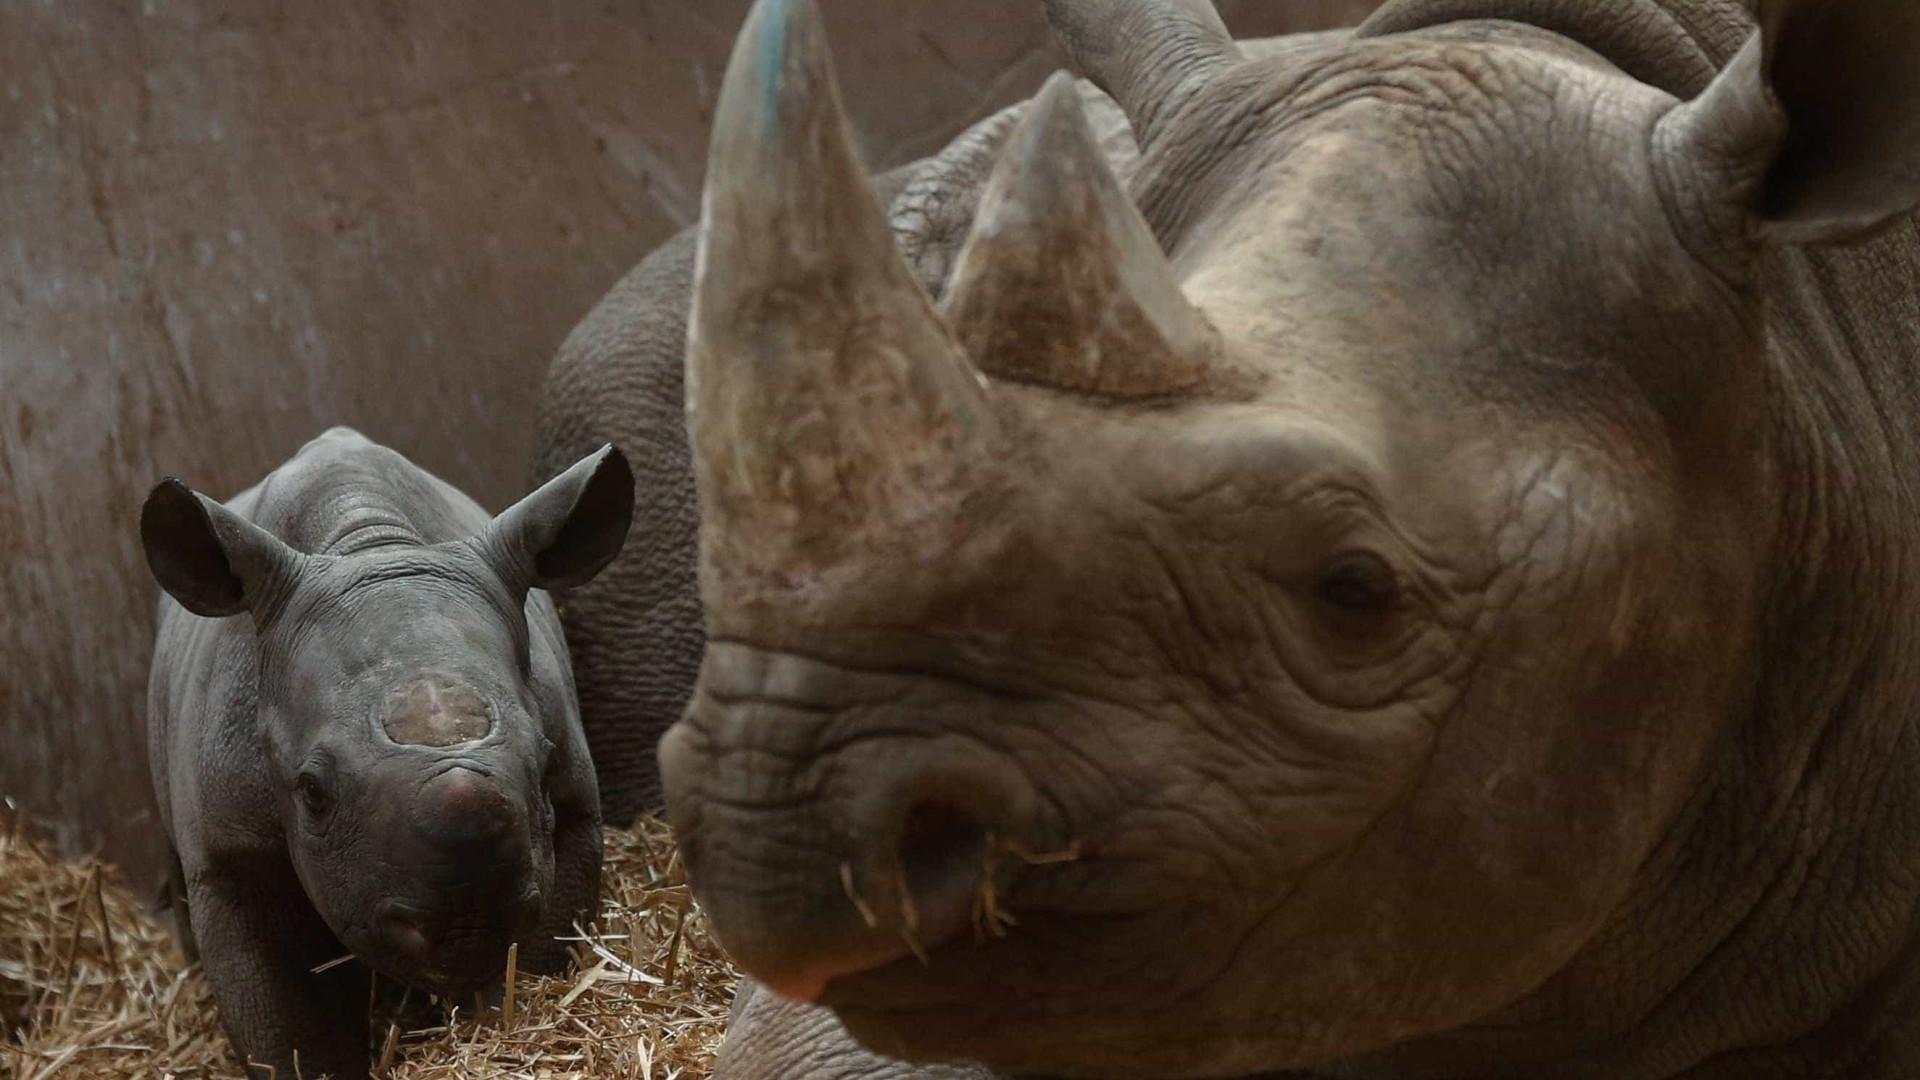 Fêmea de rinoceronte morre após perseguição de macho para acasalar